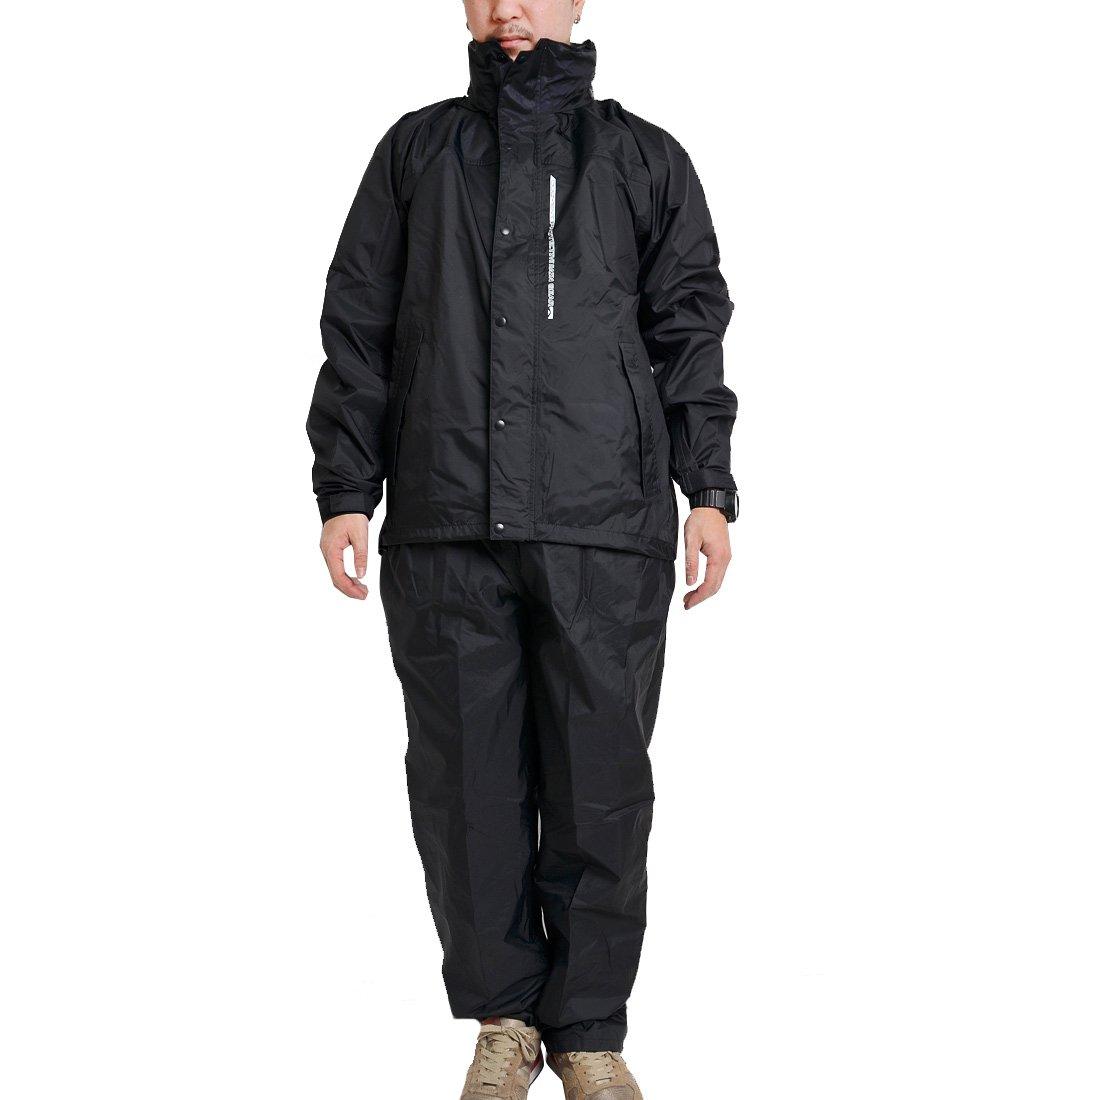 レインウェア 上下 メンズ レディース 蒸れにくい 透湿レインスーツ レインコート 上下セット セット 作業着 合羽 7740 日本素材 さらさら 裏メッシュ B079SYRF92 3Lサイズ|ブラック ブラック 3Lサイズ